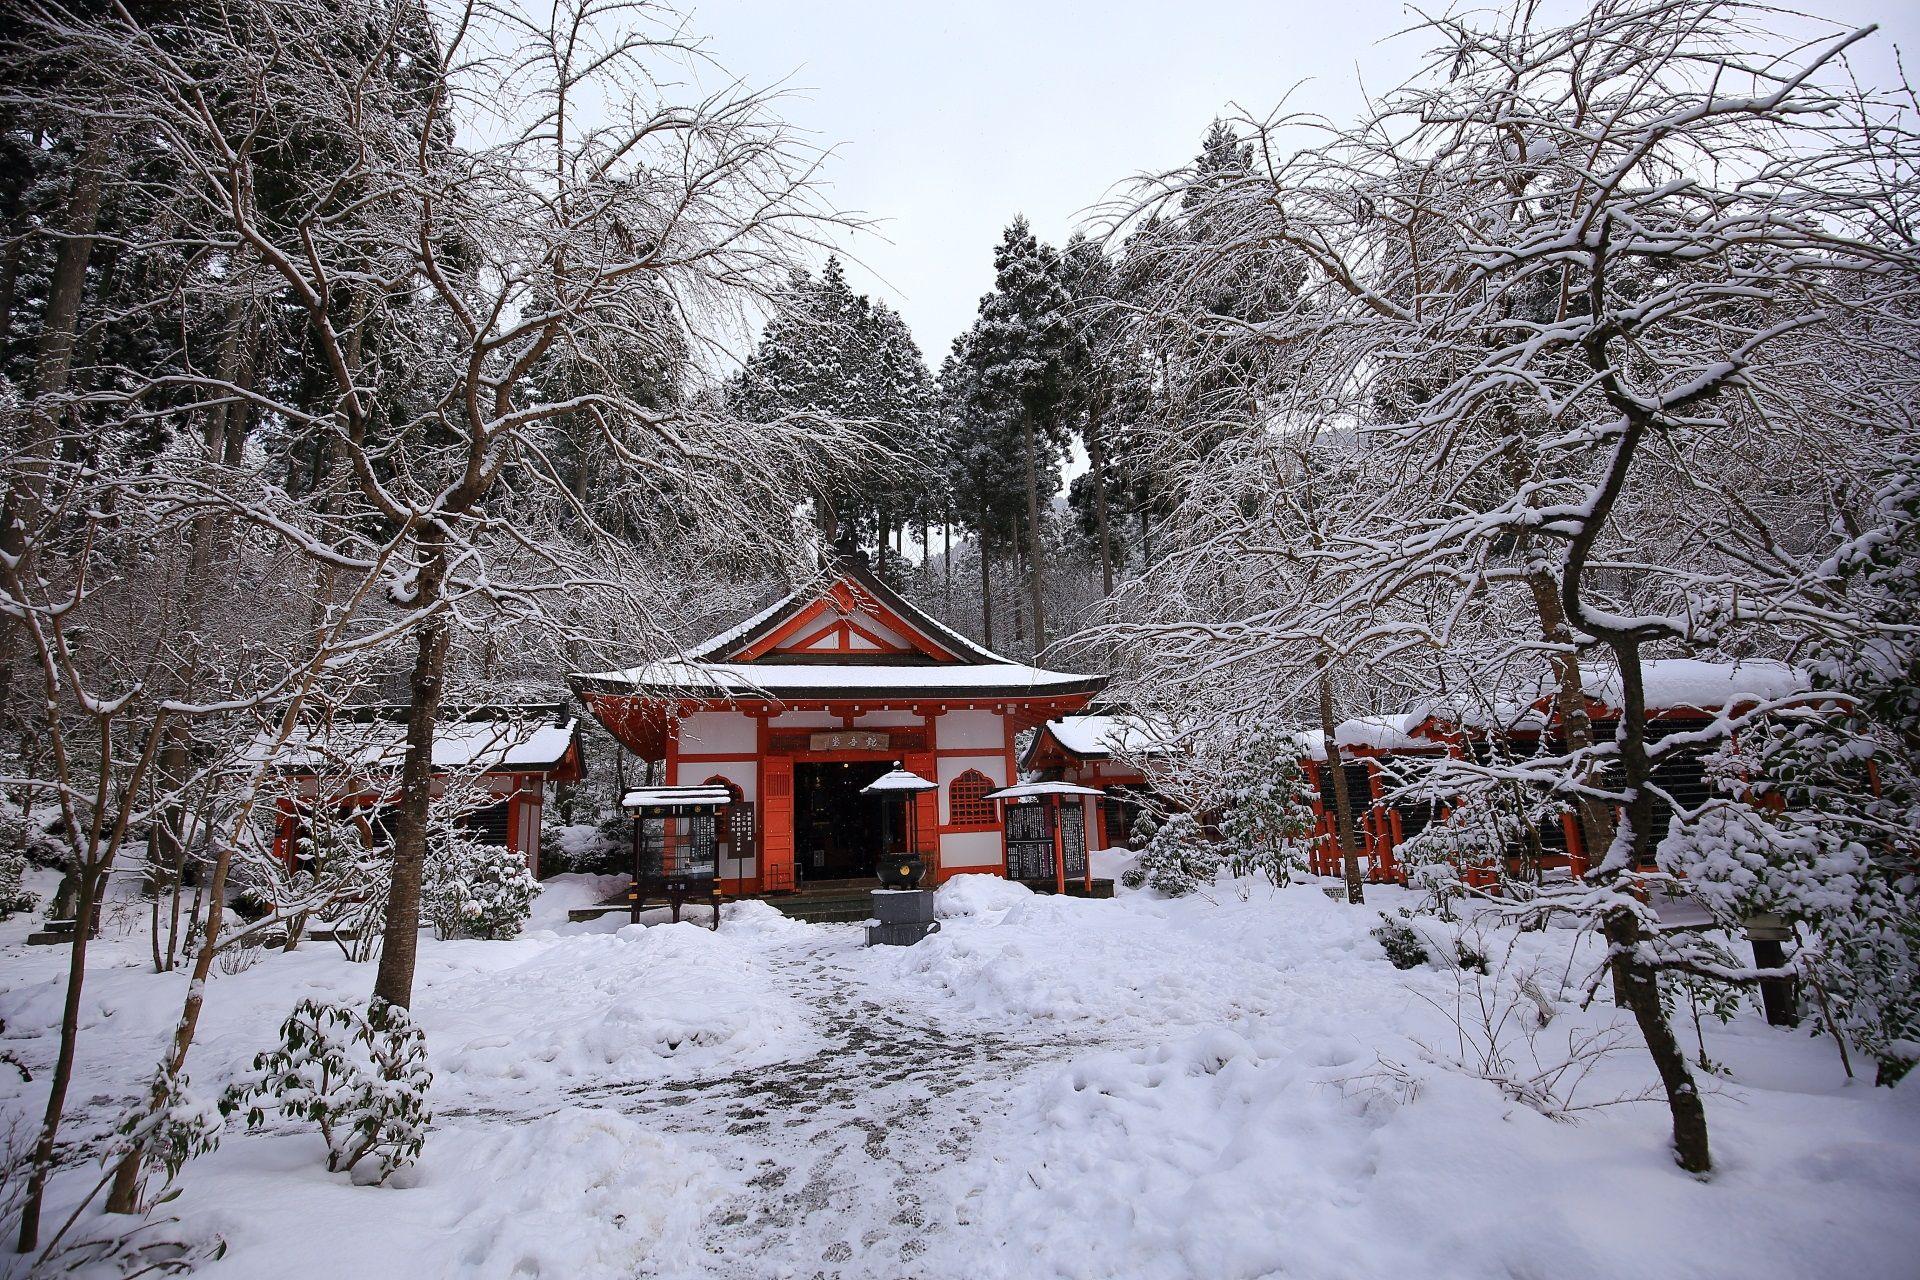 冬の京都三千院の見事な雪景色と観音堂